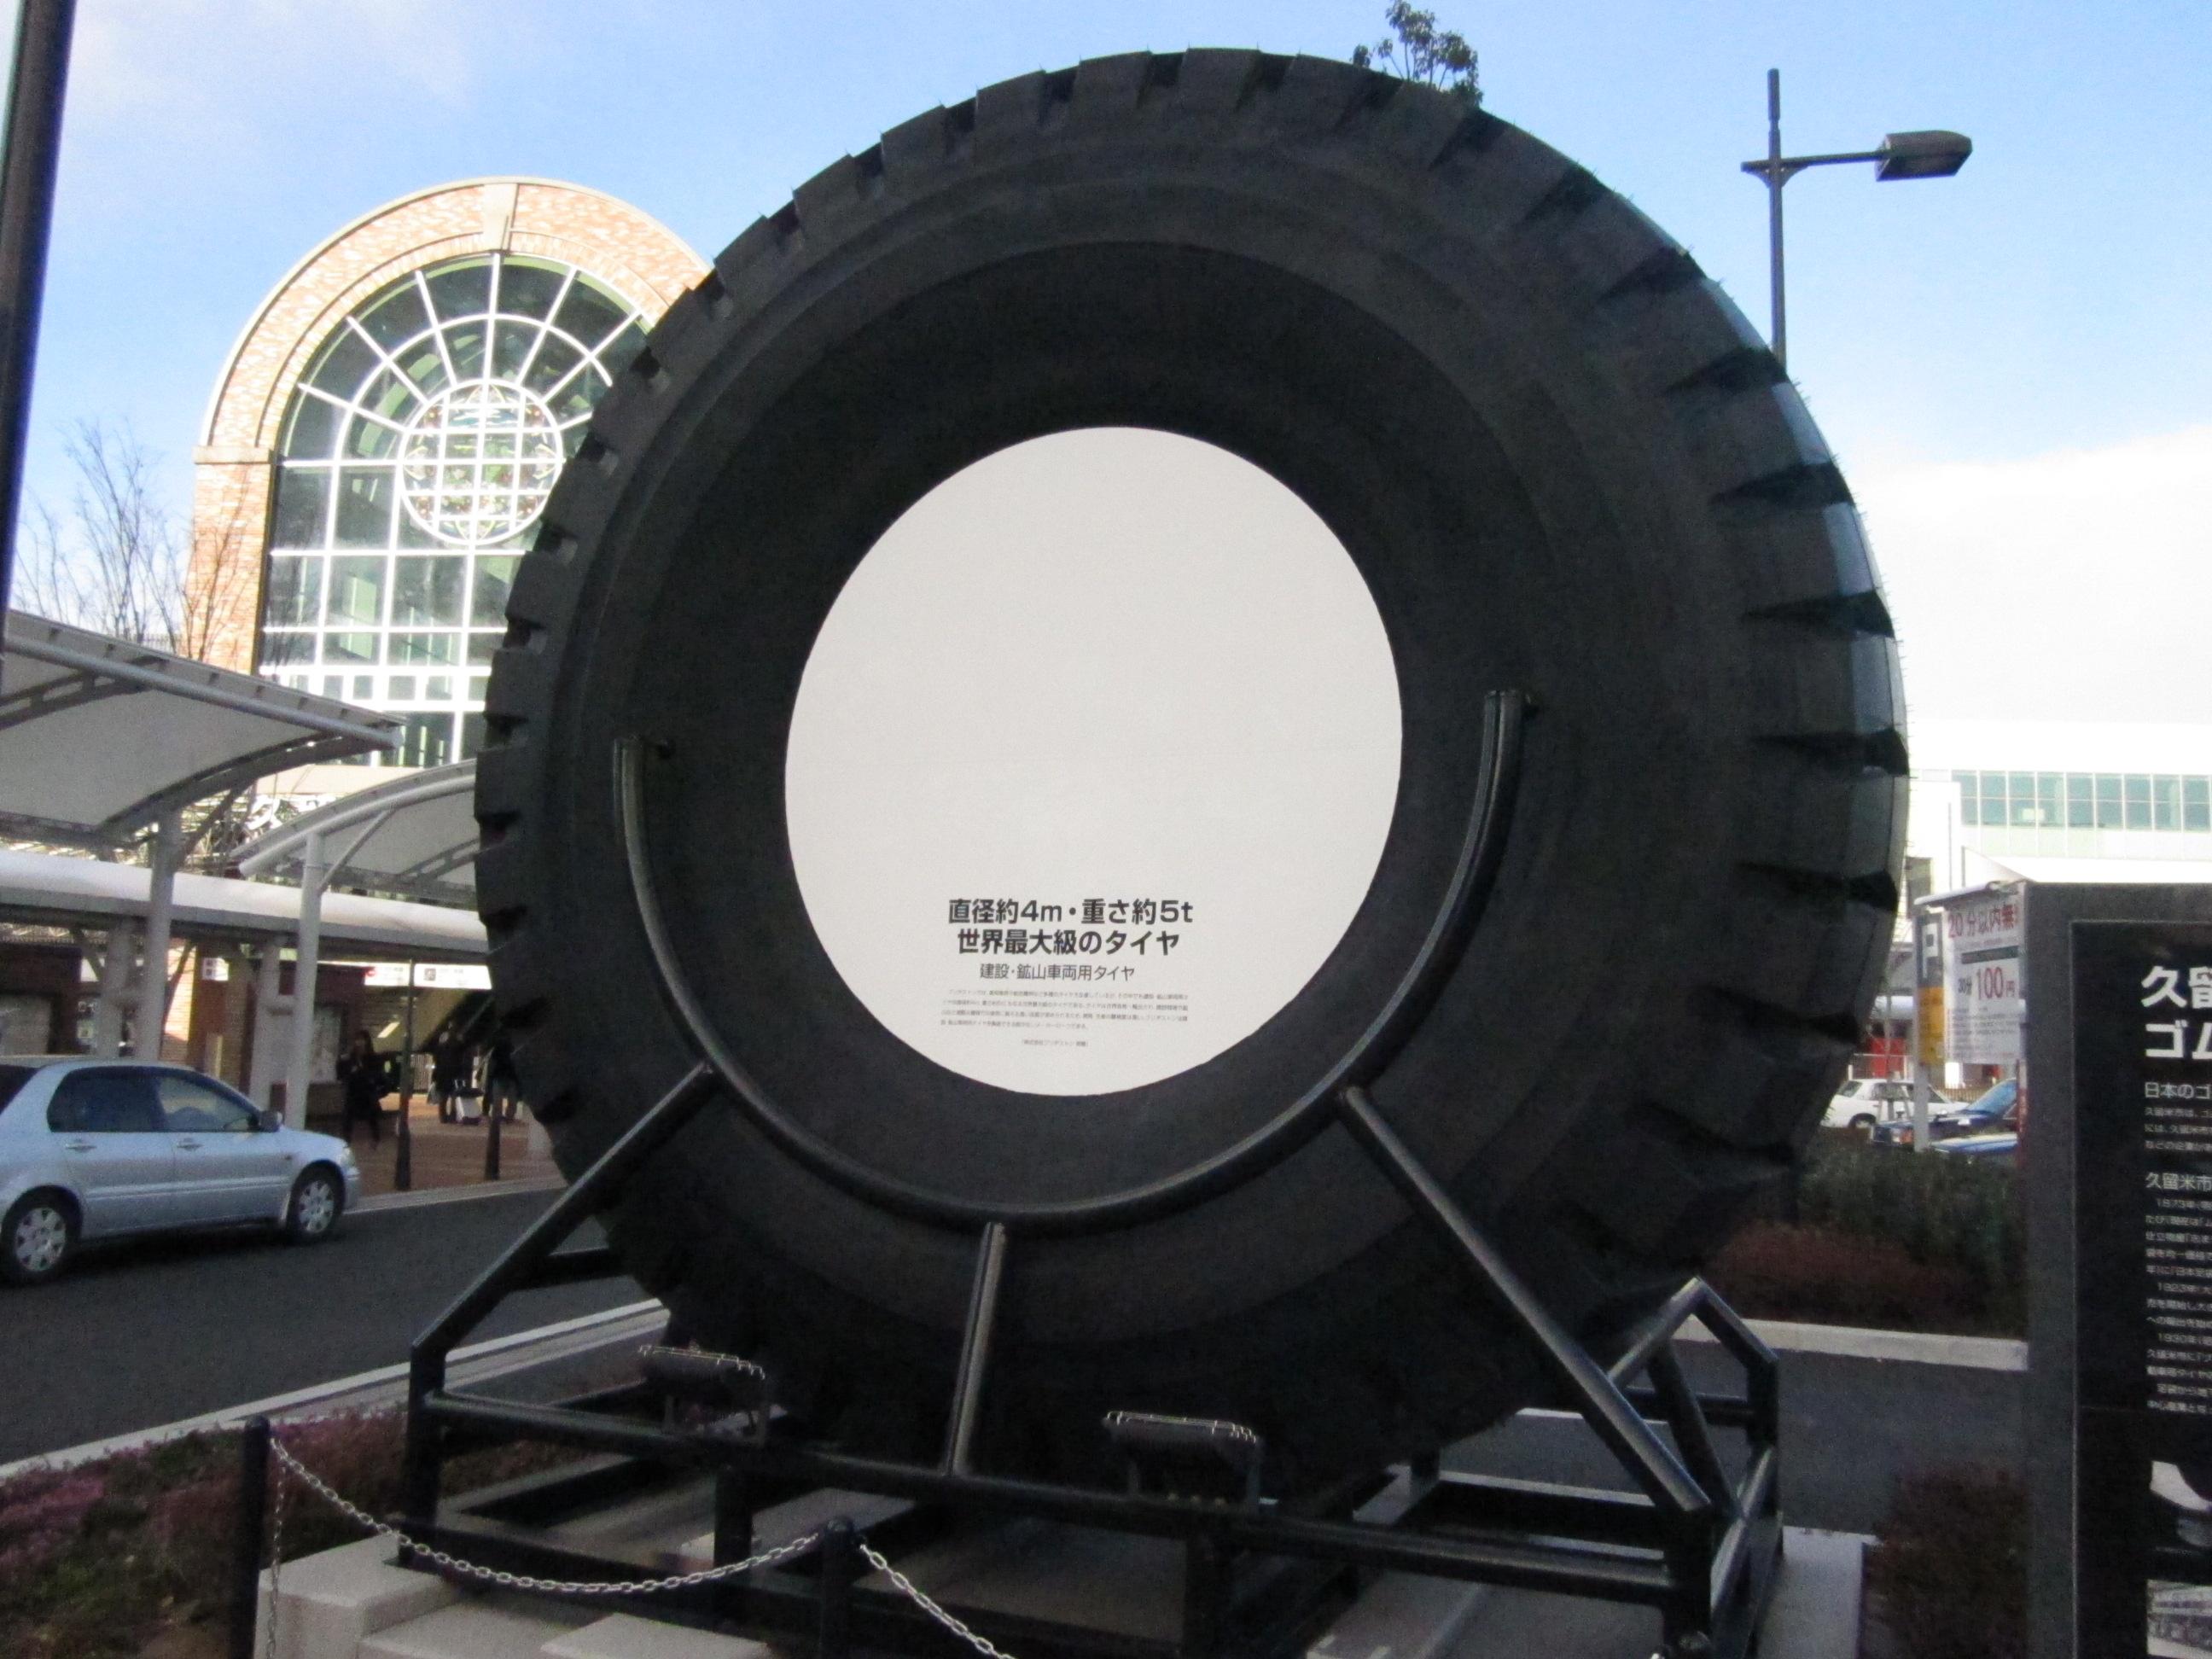 久留米駅前に設置されている建設・鉱山車両用タイヤ